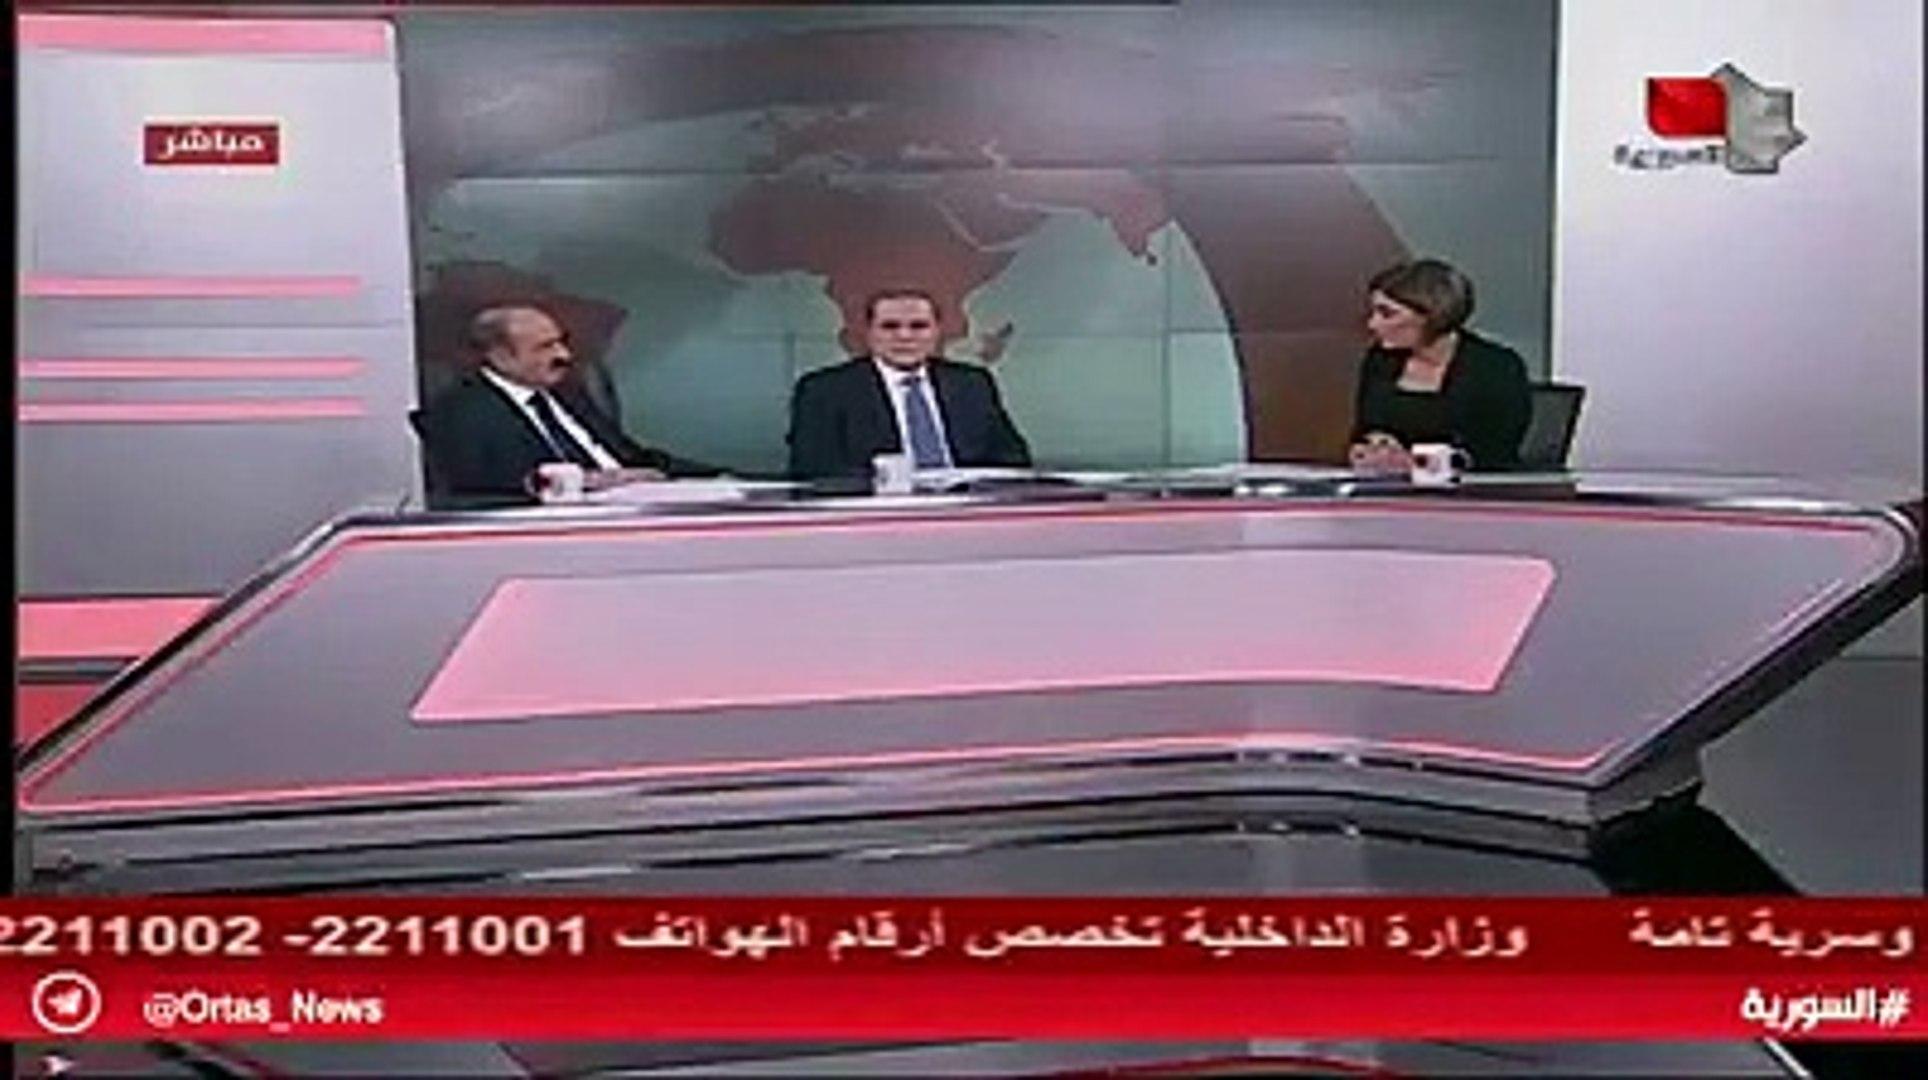 وزير داخلية أسد يعترف بالتجسّس على حسابات السوريين في فيسبوك! (فيديو)